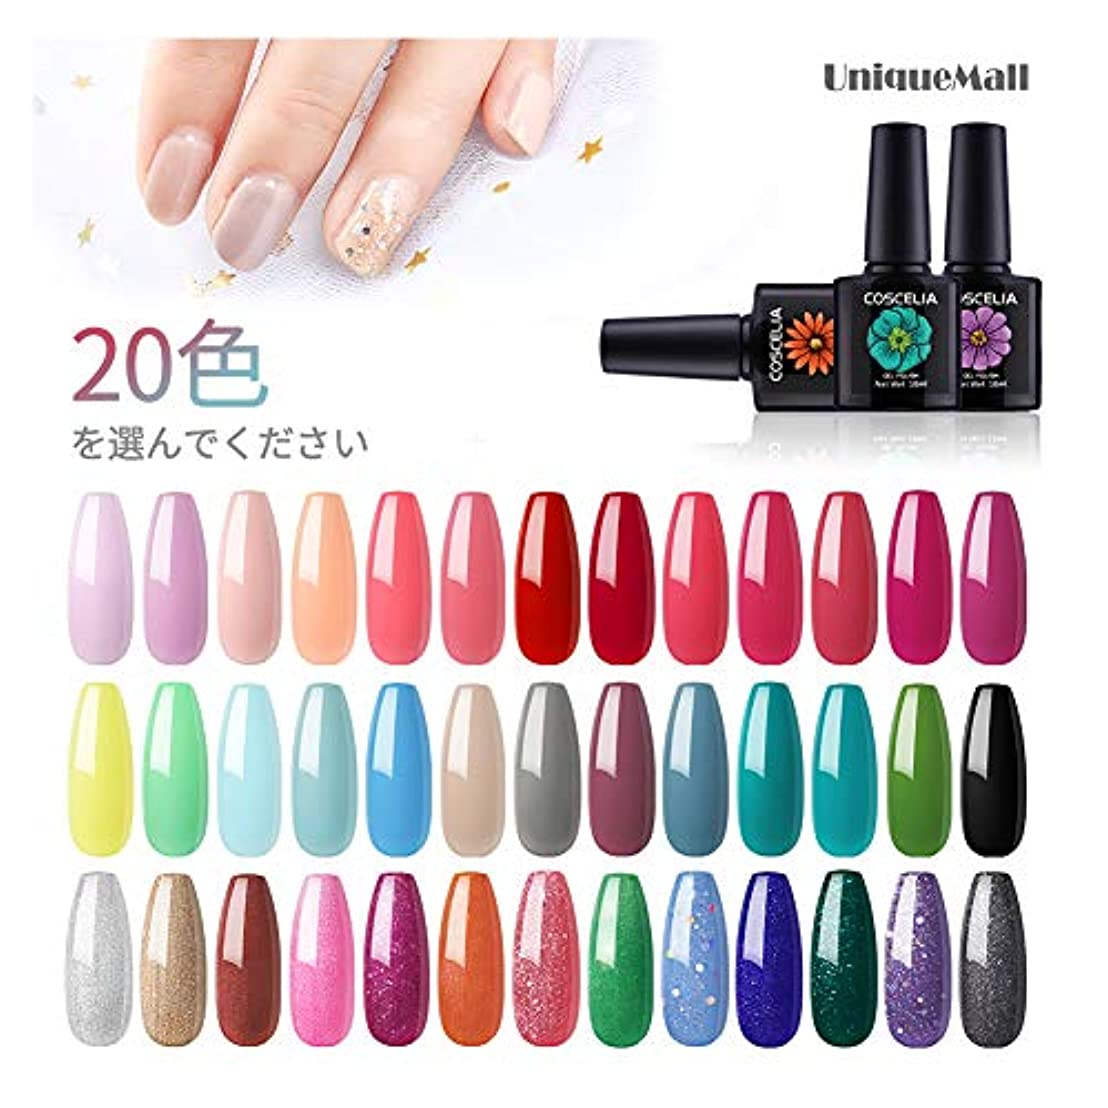 ビタミンこしょうストレスジェルネイル カラー10ML【 全20色】 UVカラージェル セルフネイル キット ネイルカラージェル マニキュア ジェルカラー 20本初心者ネイルセット 20色を自由に選ぶことができる